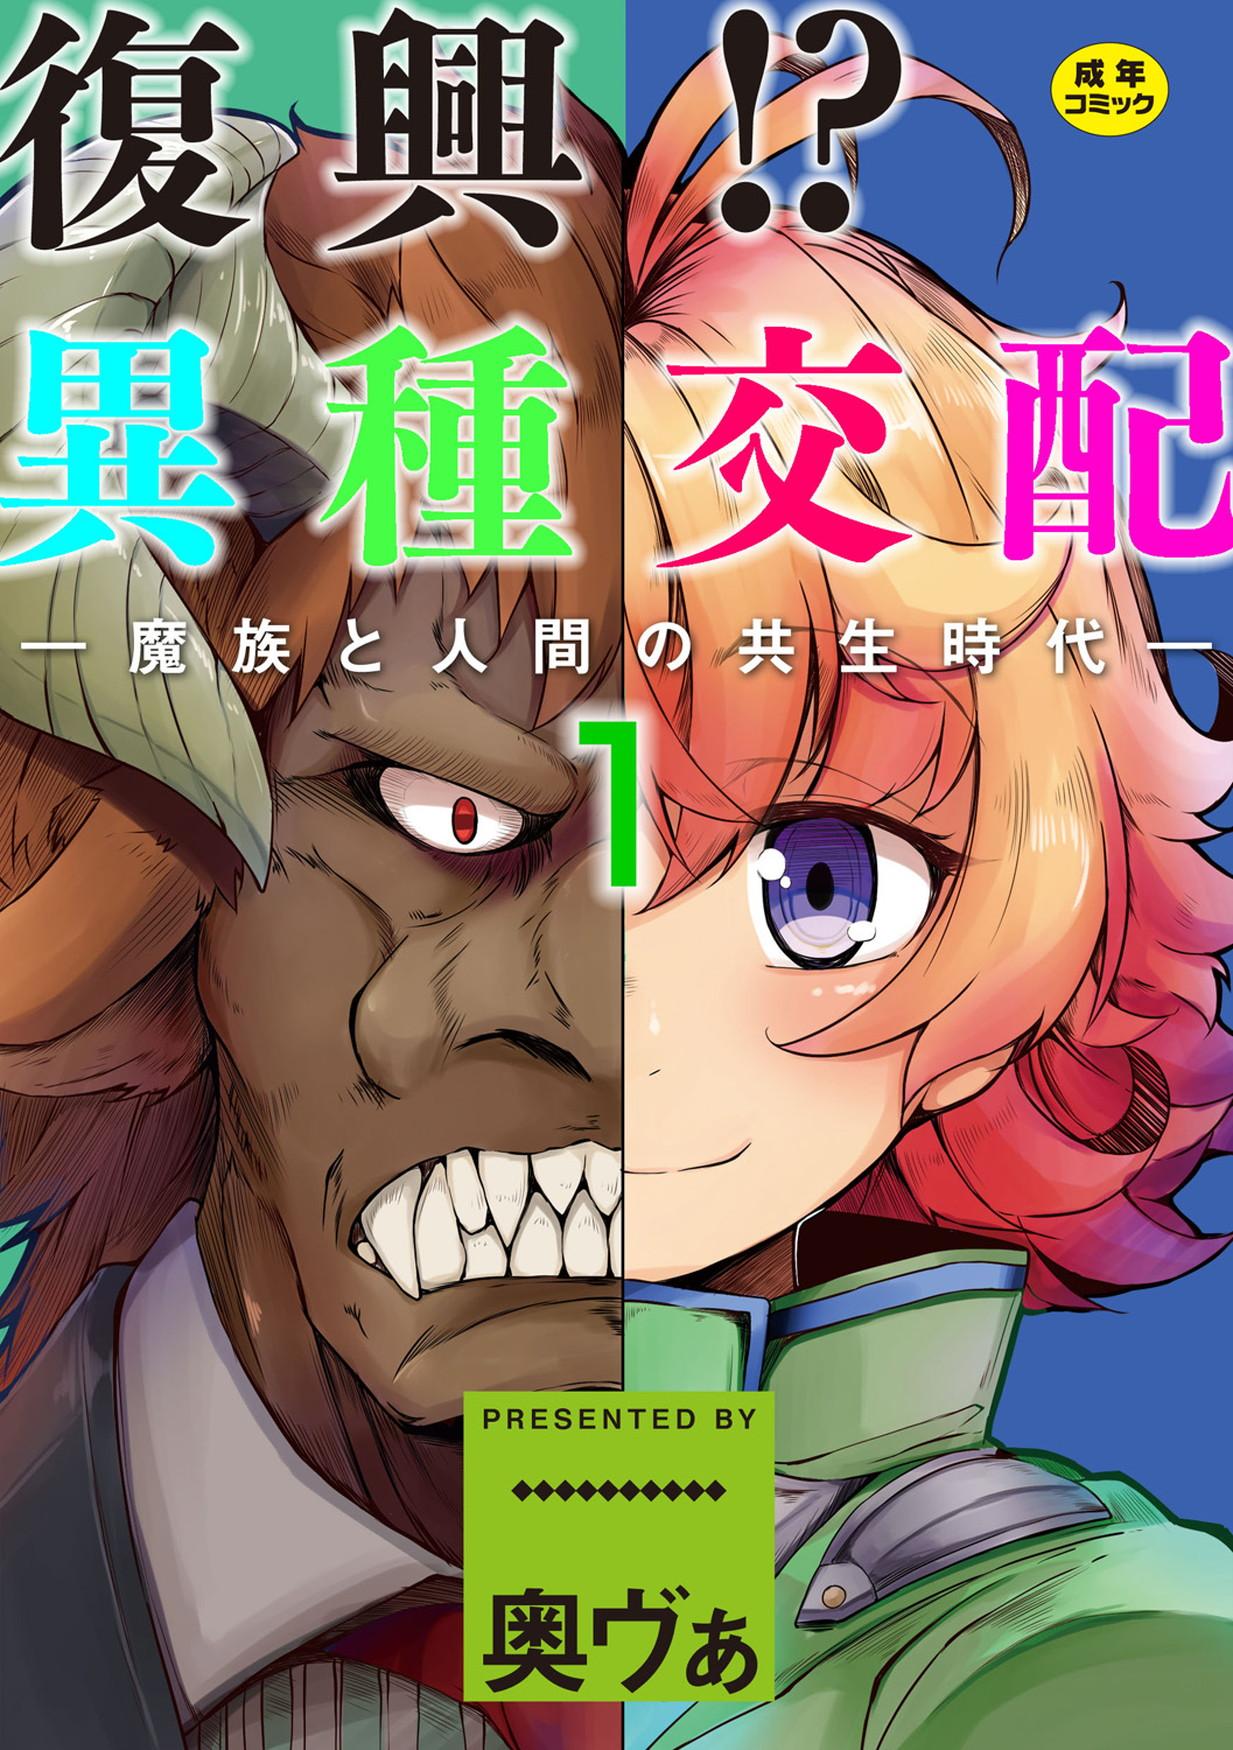 【エロ漫画】森で倒れてた男の子を狼女が拾って逆レイプしちゃうwwwもちろん激しい獣セックスになってる♡♡